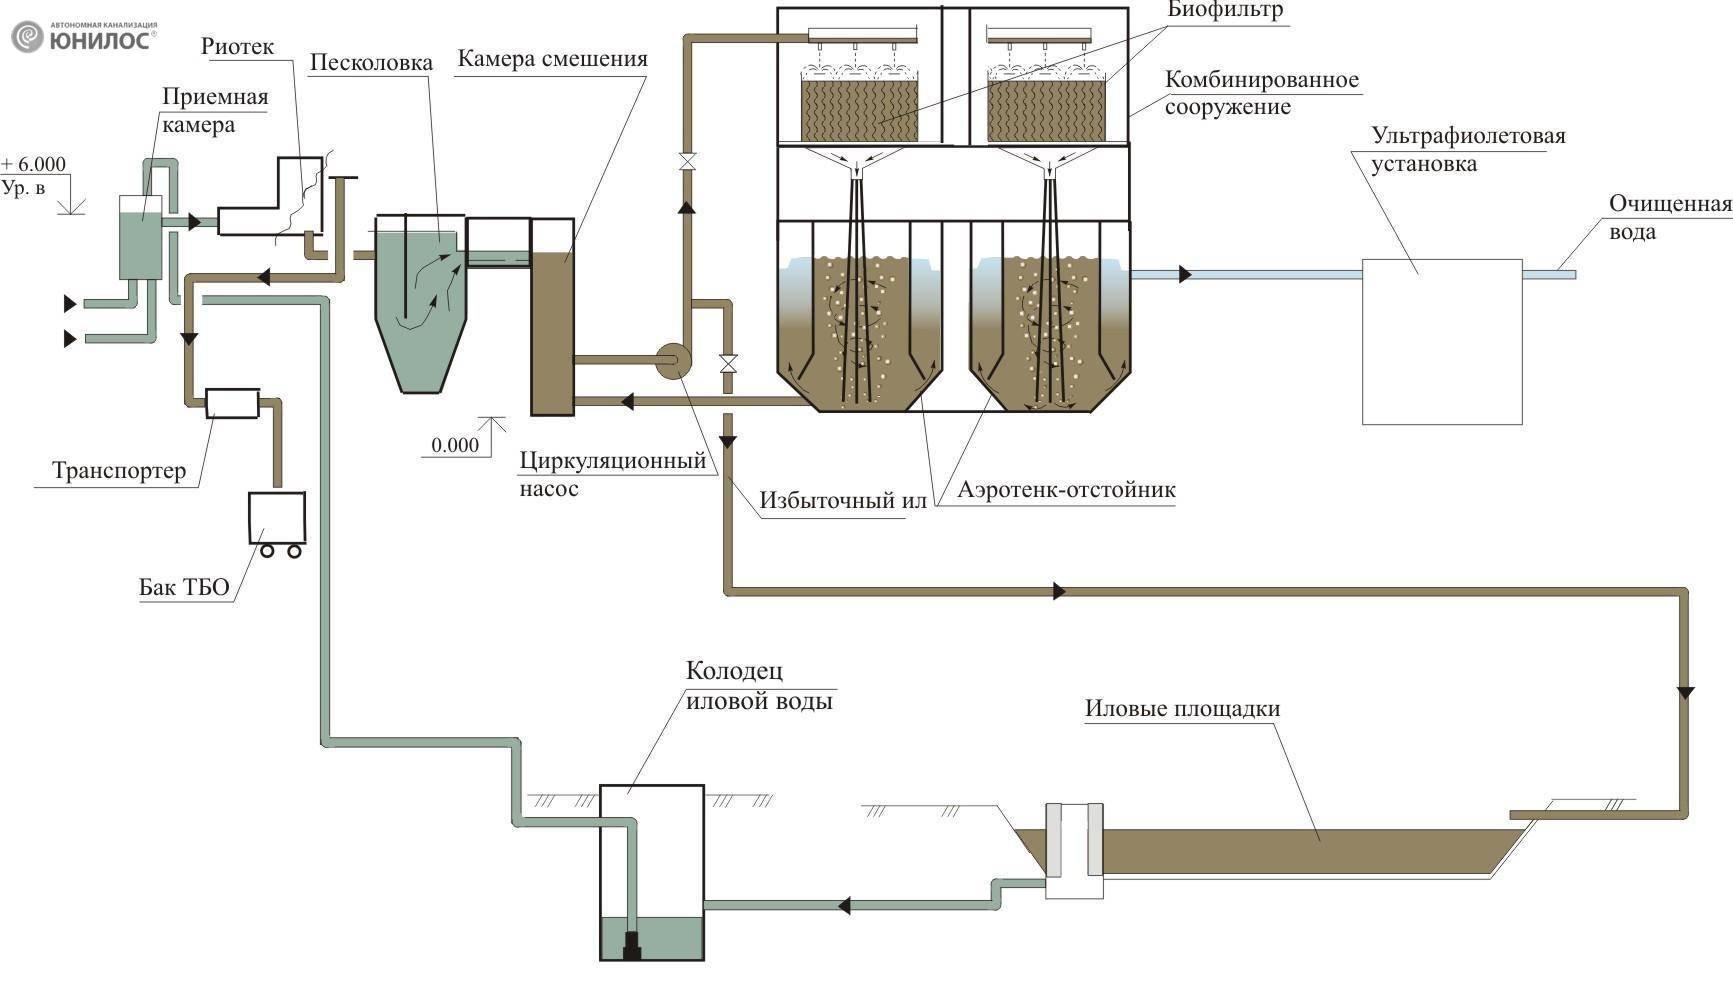 Принцип очистки сточных вод